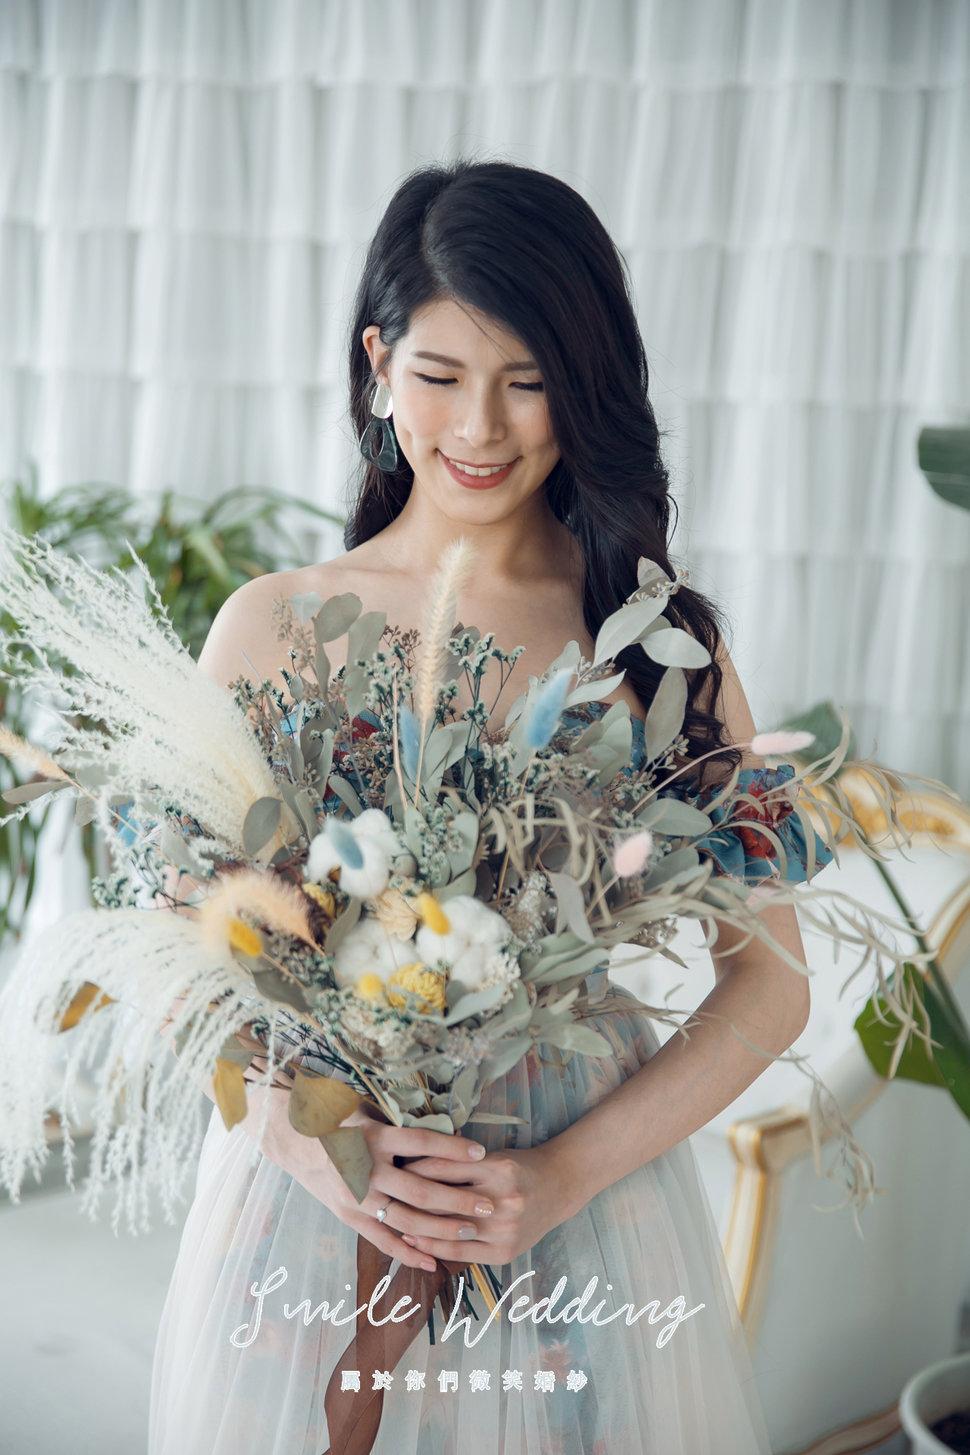 6W5A3157 - Smile wedding 微笑婚紗《結婚吧》